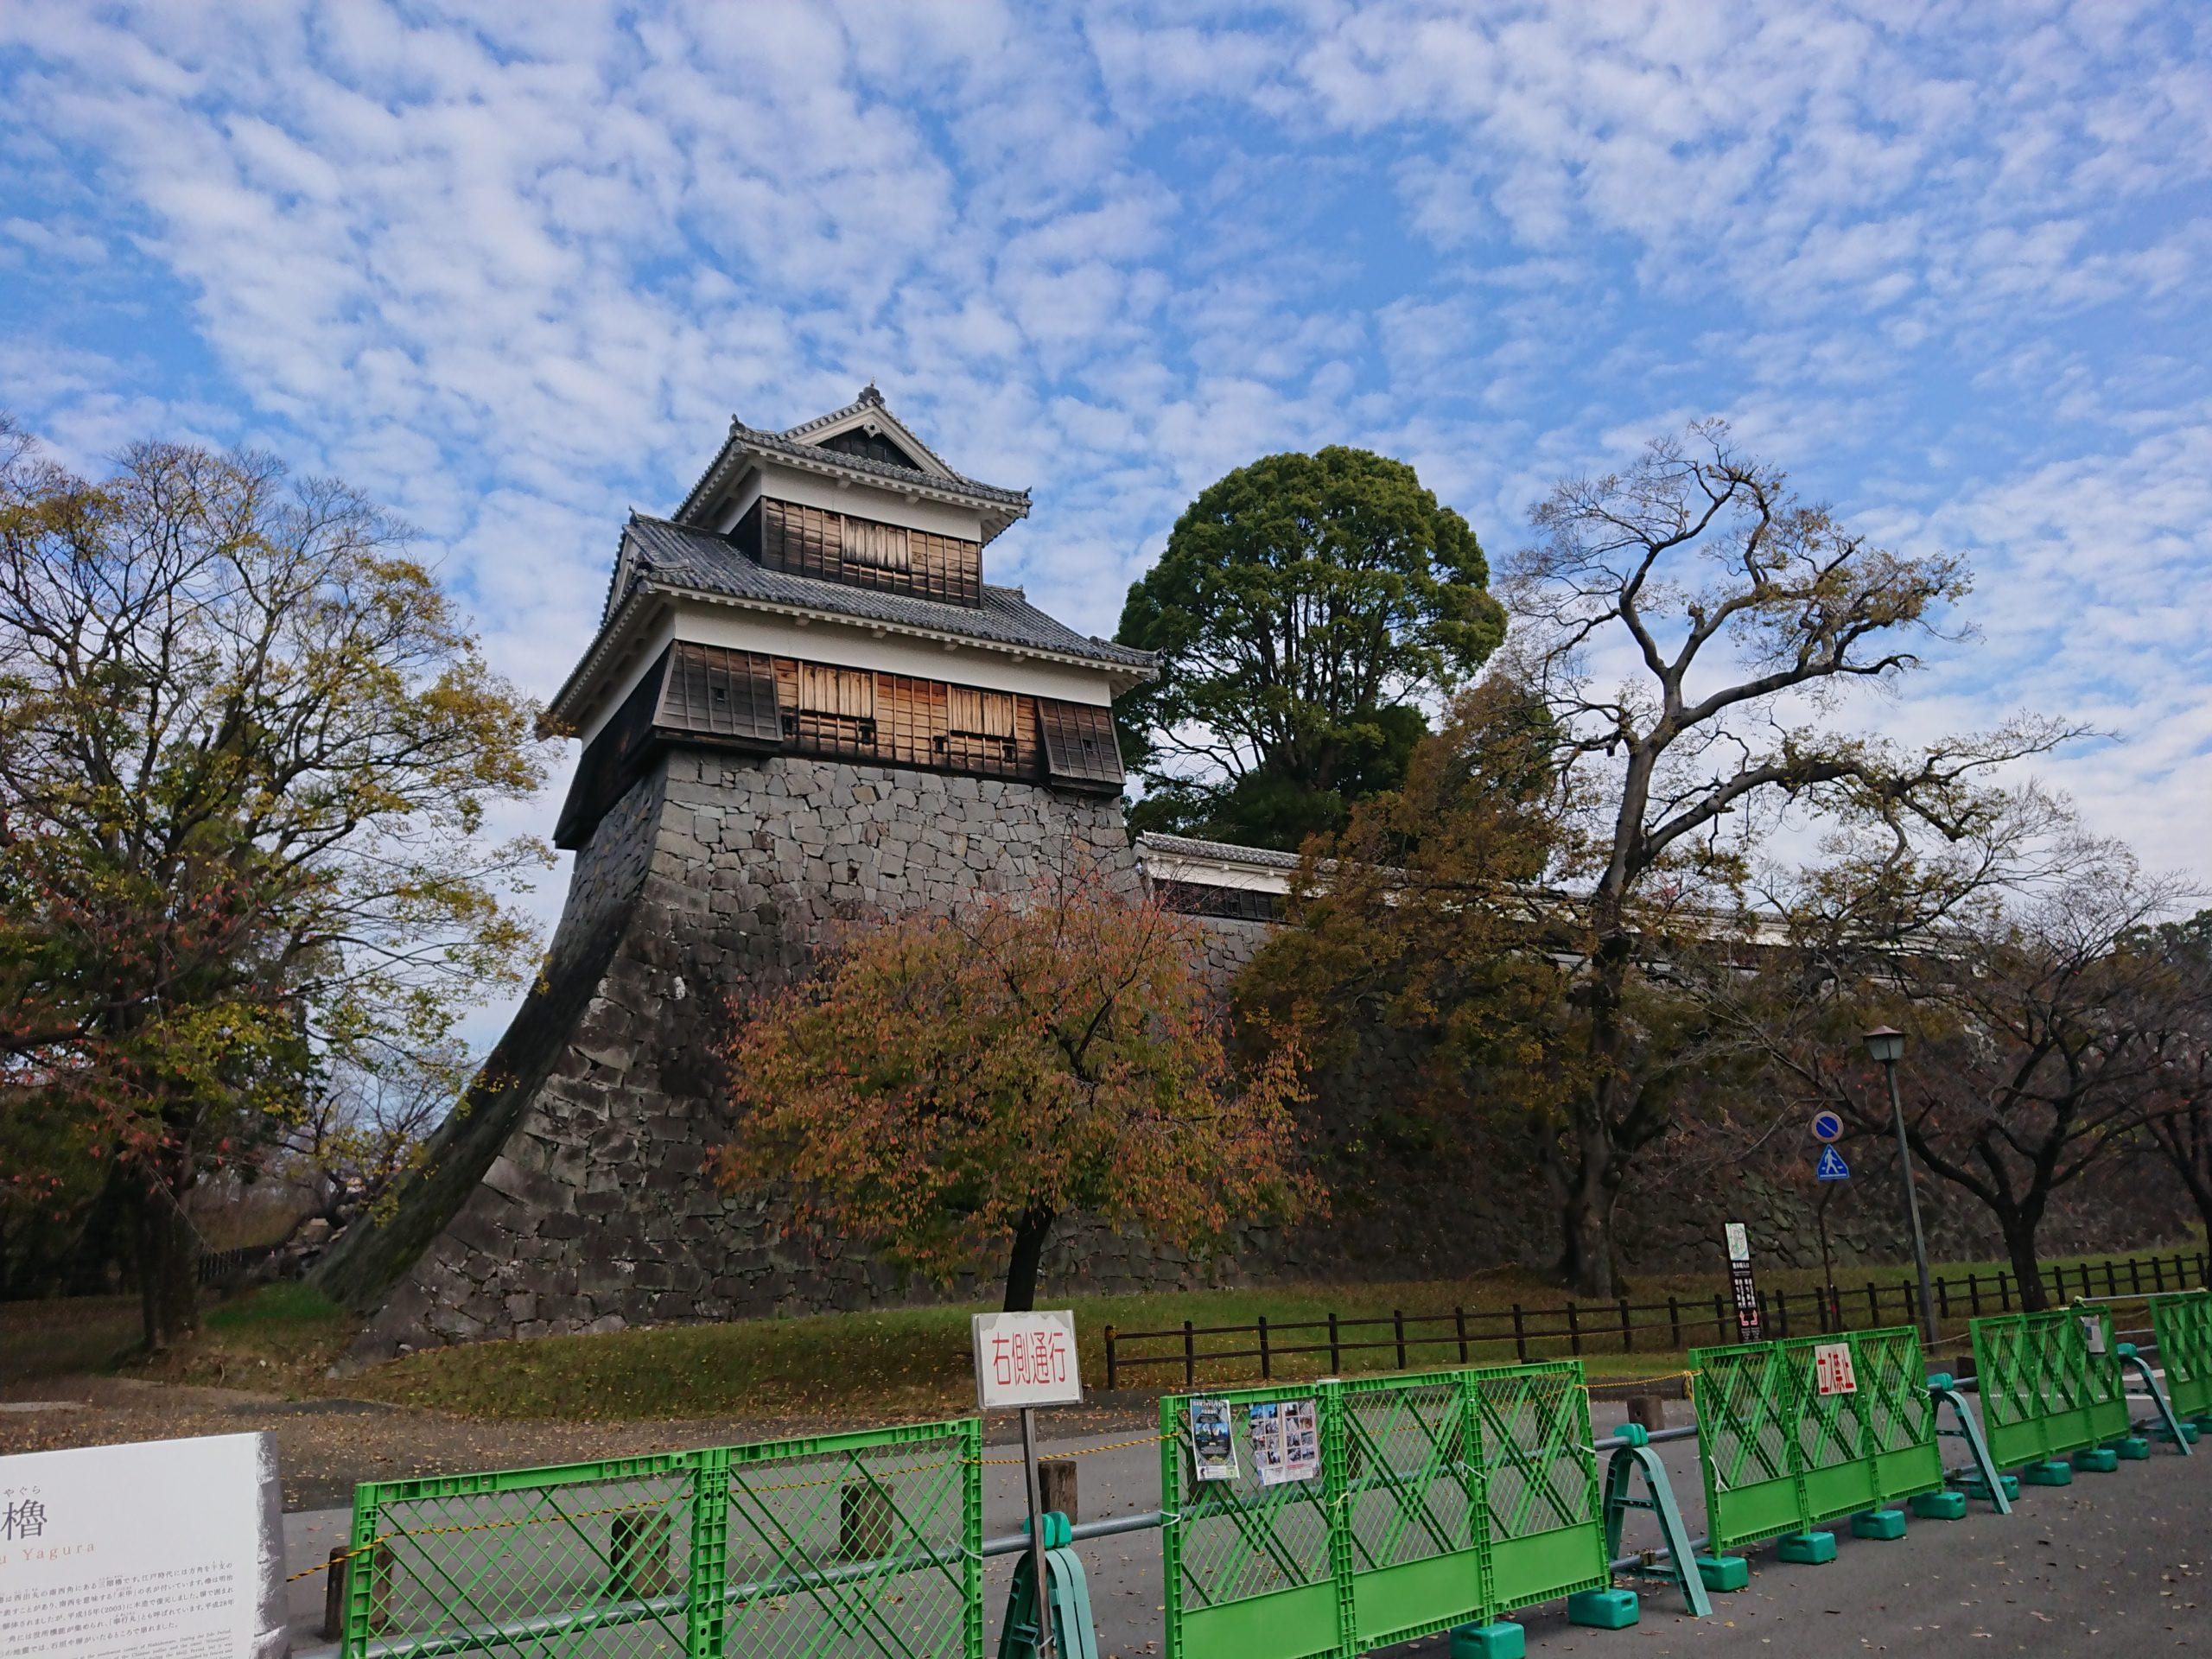 熊本城 櫓 石垣